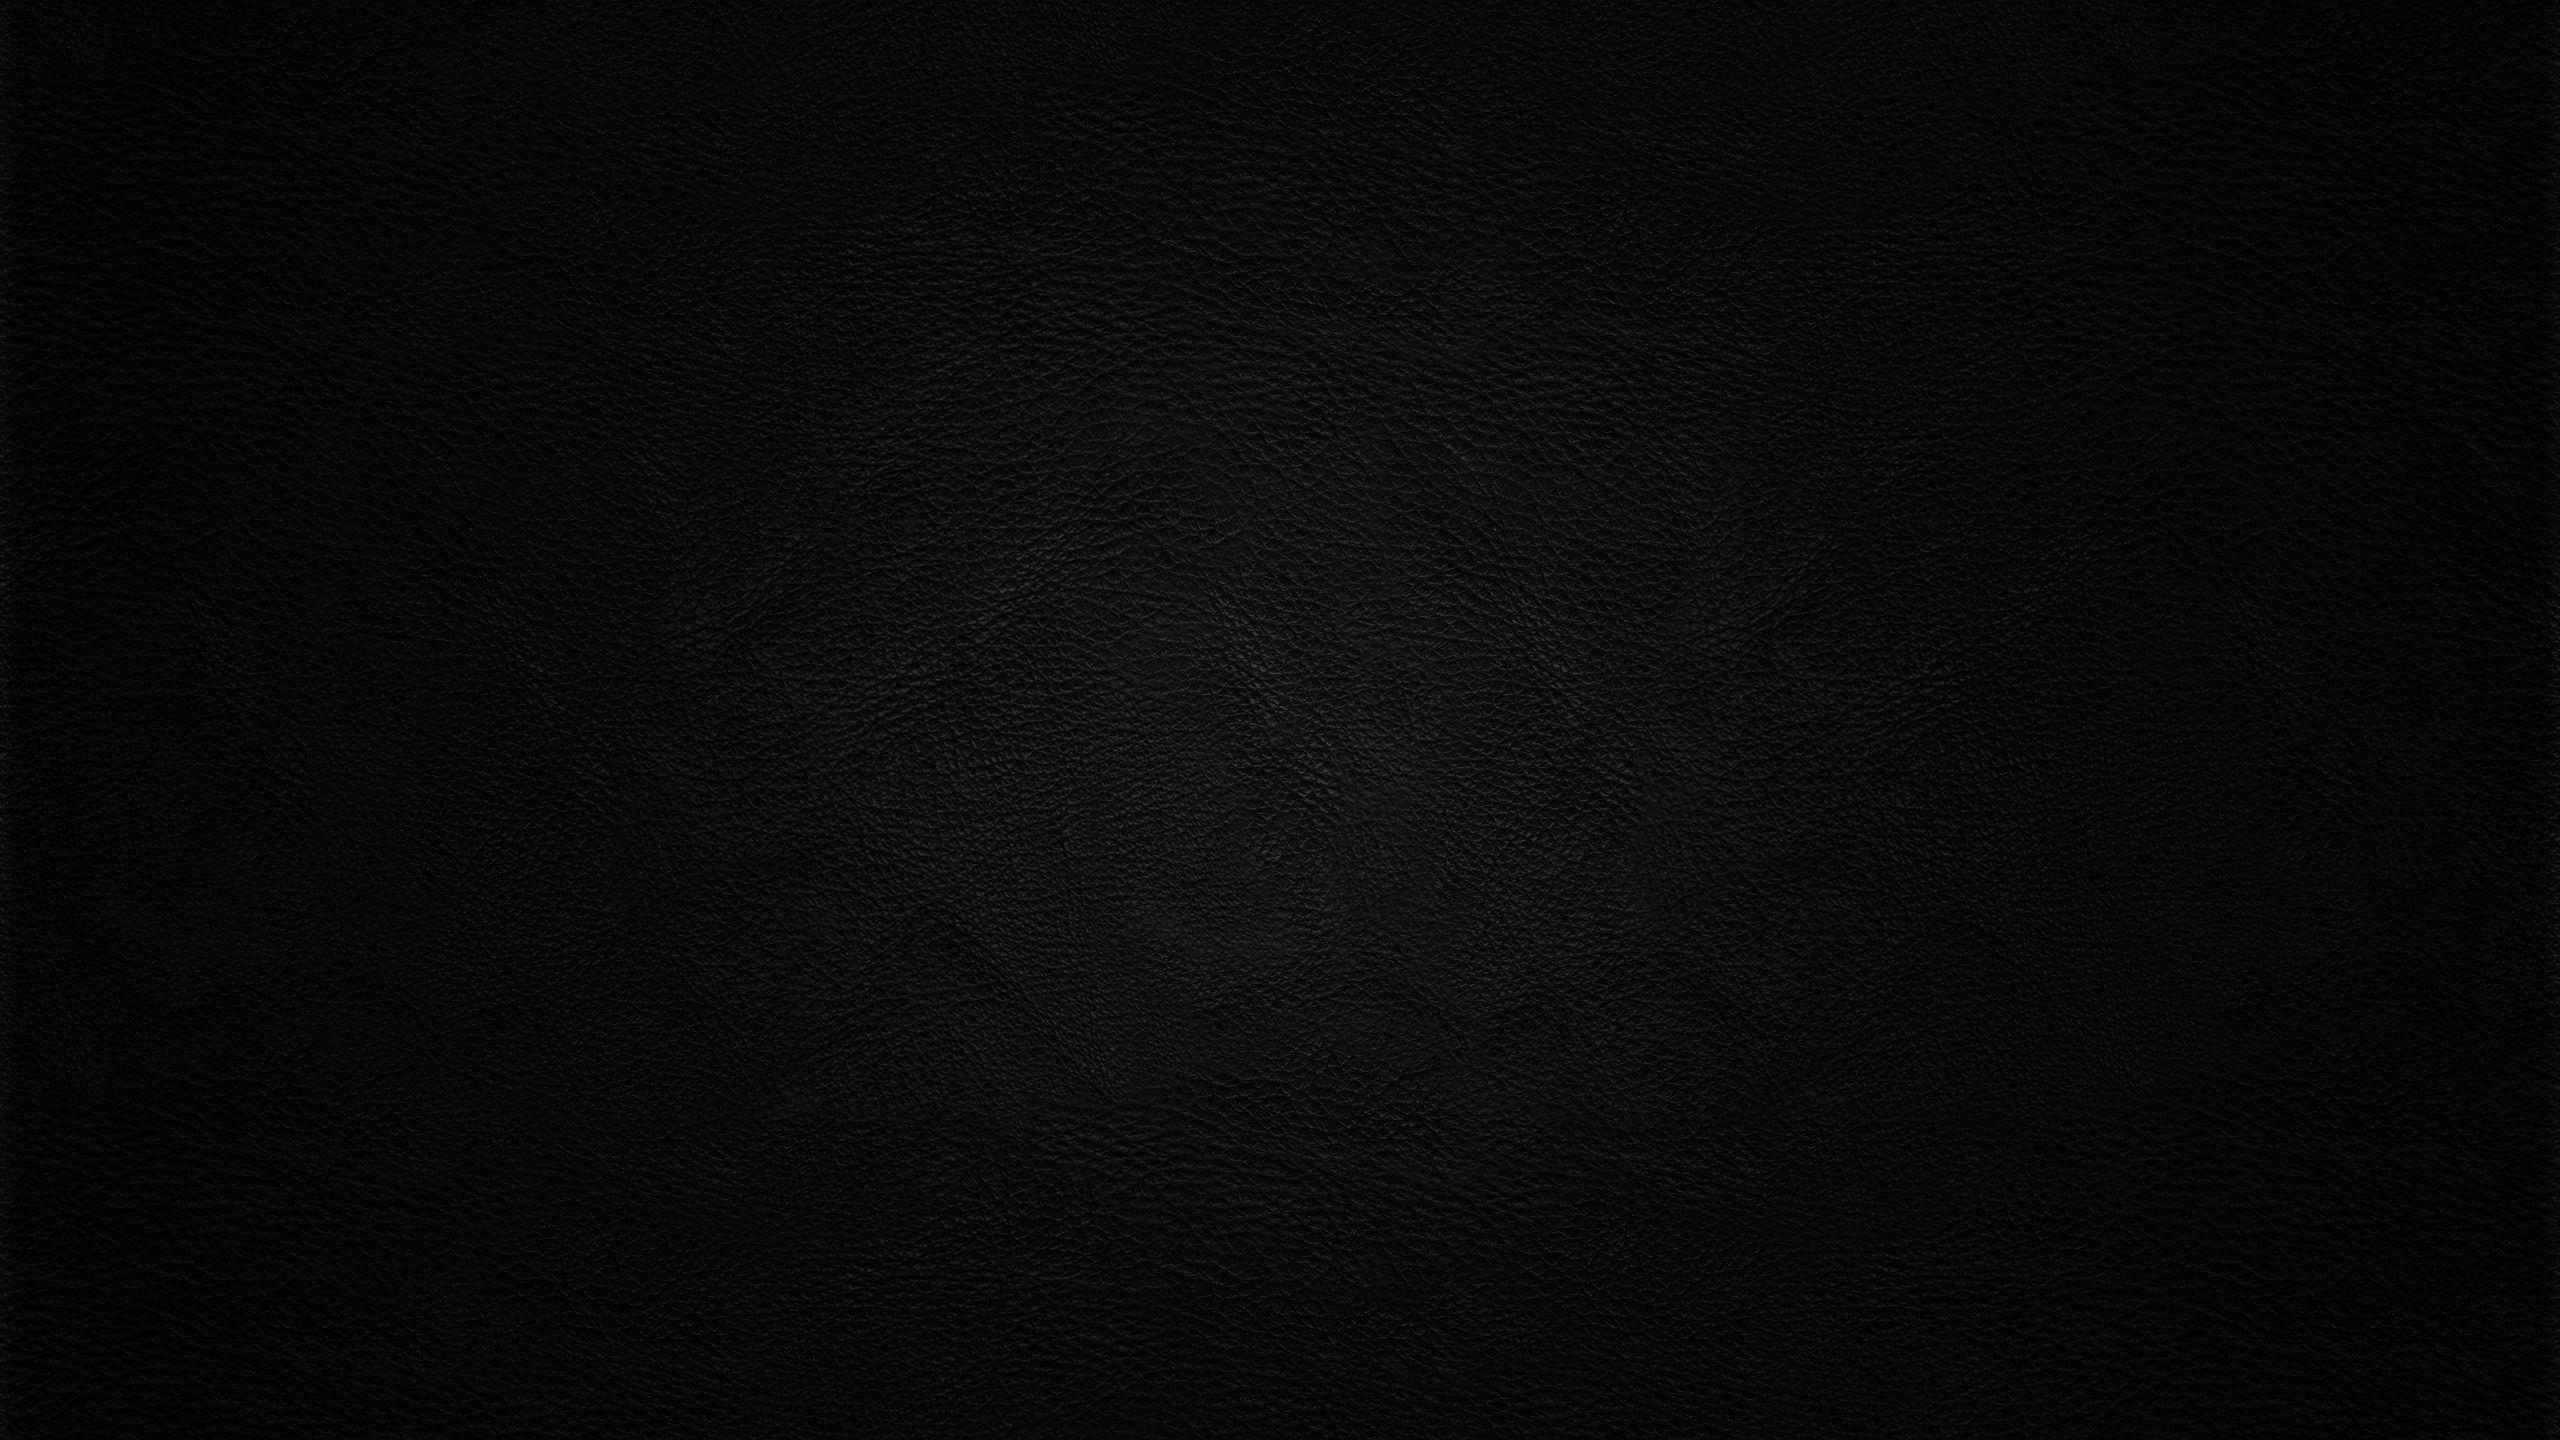 Simple dark wallpapers group 69